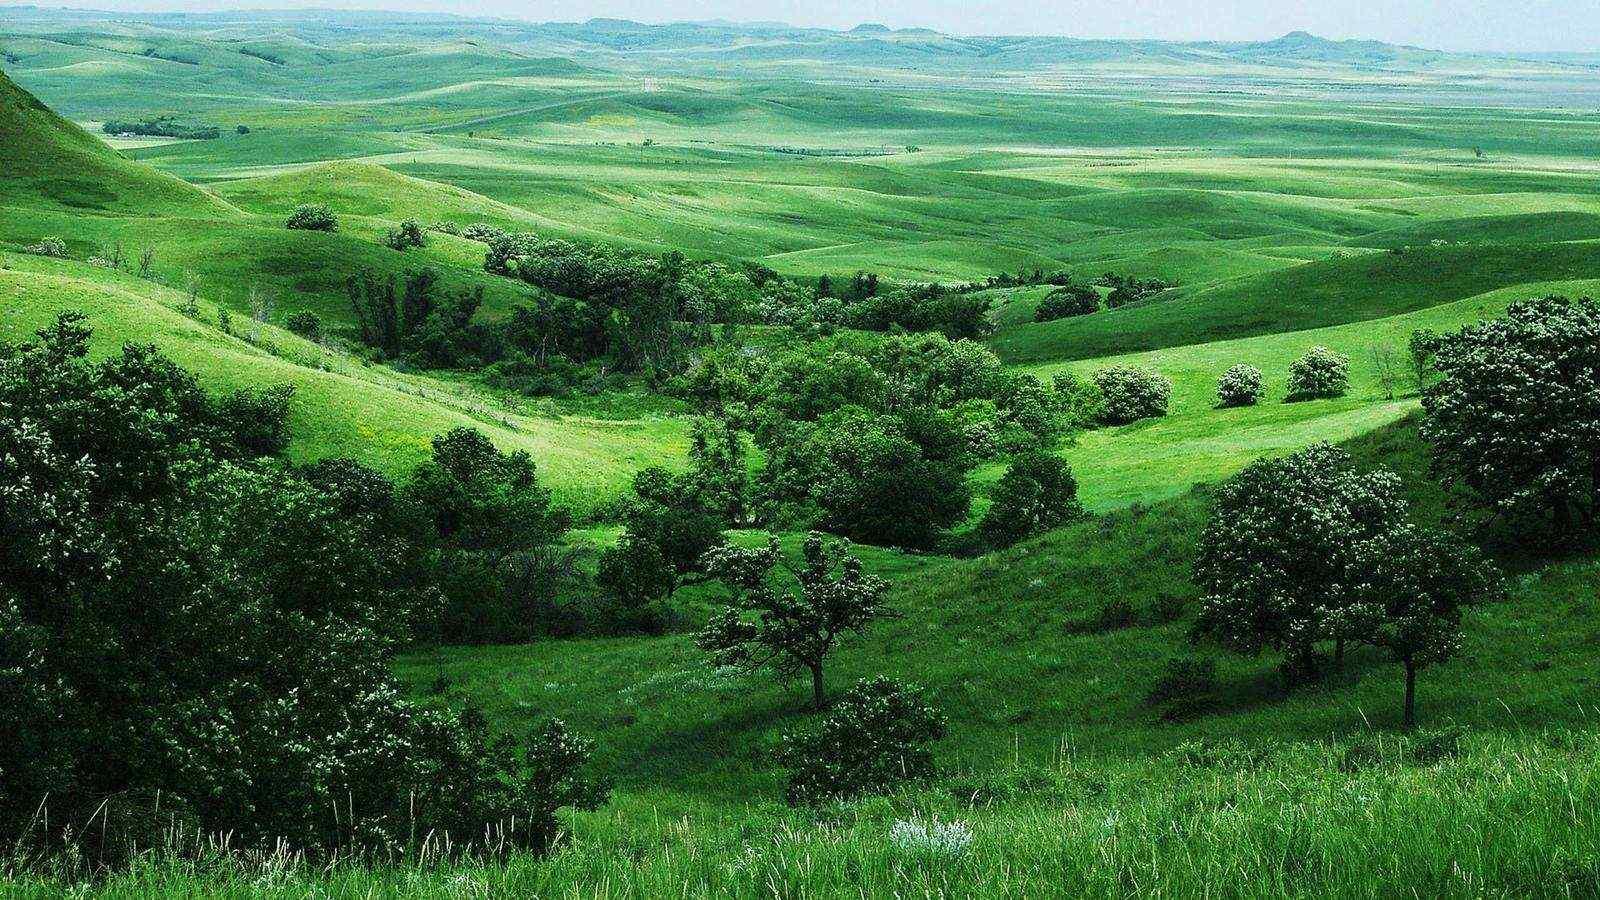 绿色清新大草原风景屏保